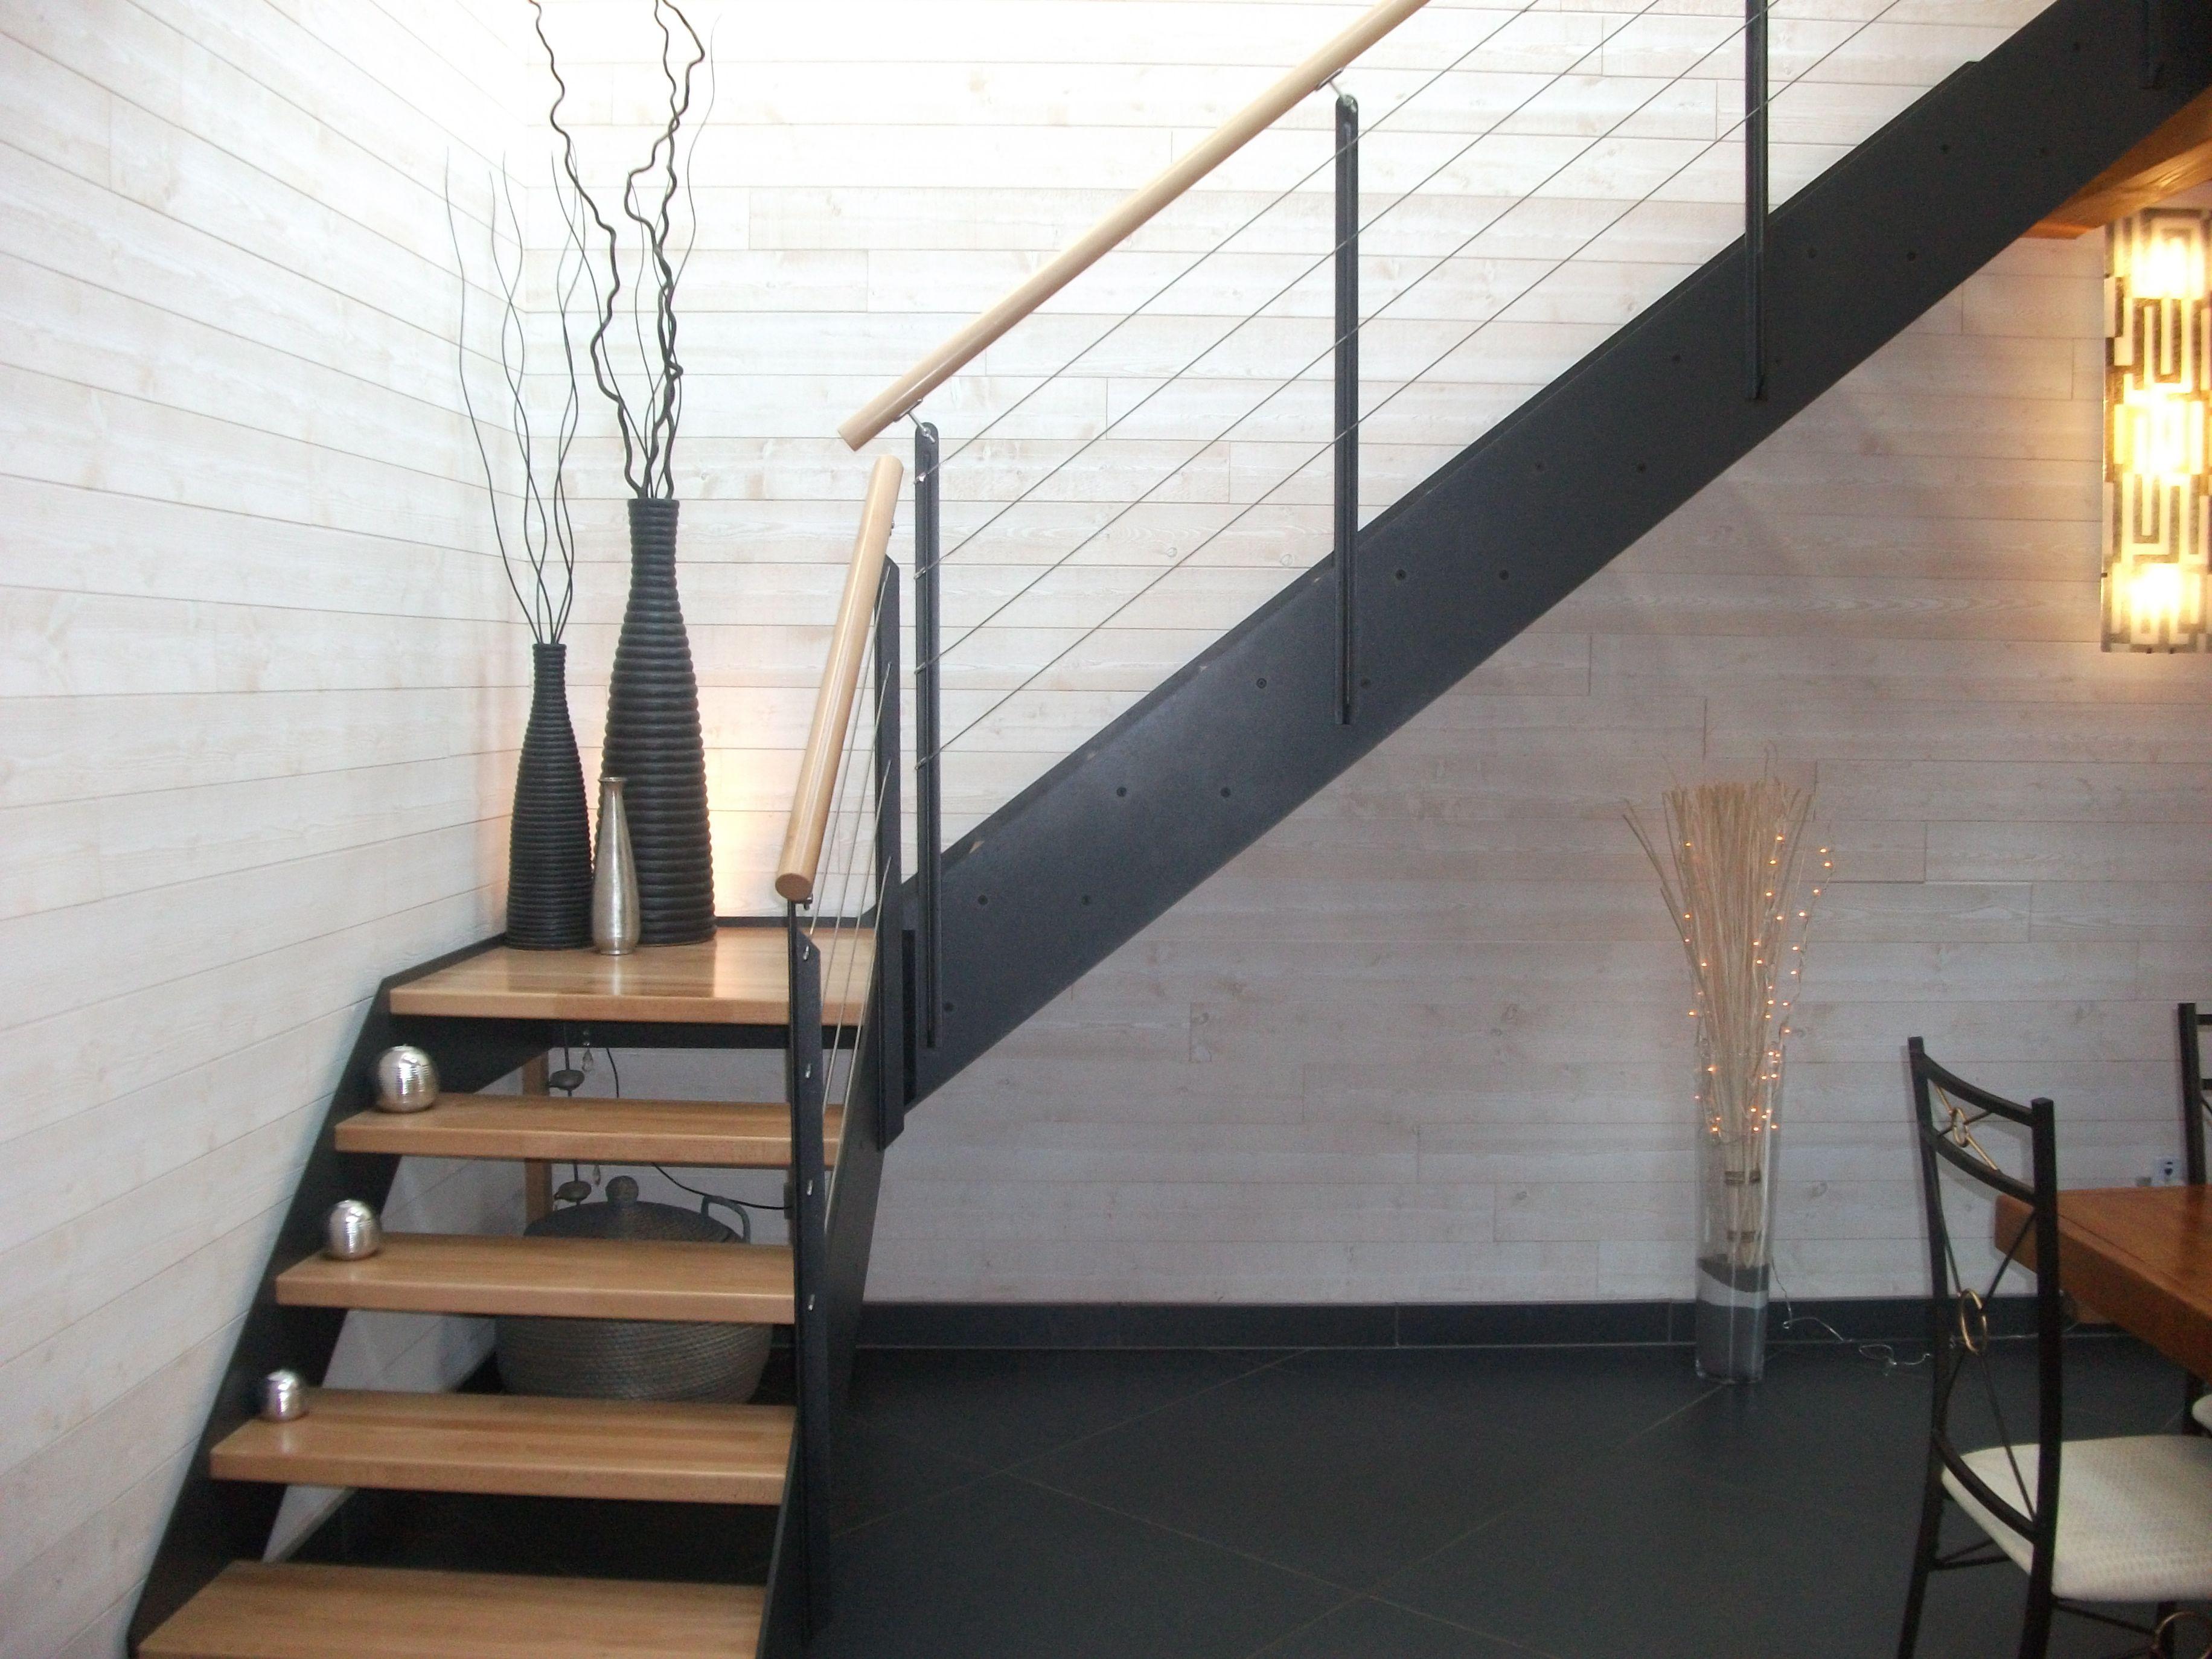 Escalier Bois Metal Noir escalier industriel loft avec limon effet métal noir